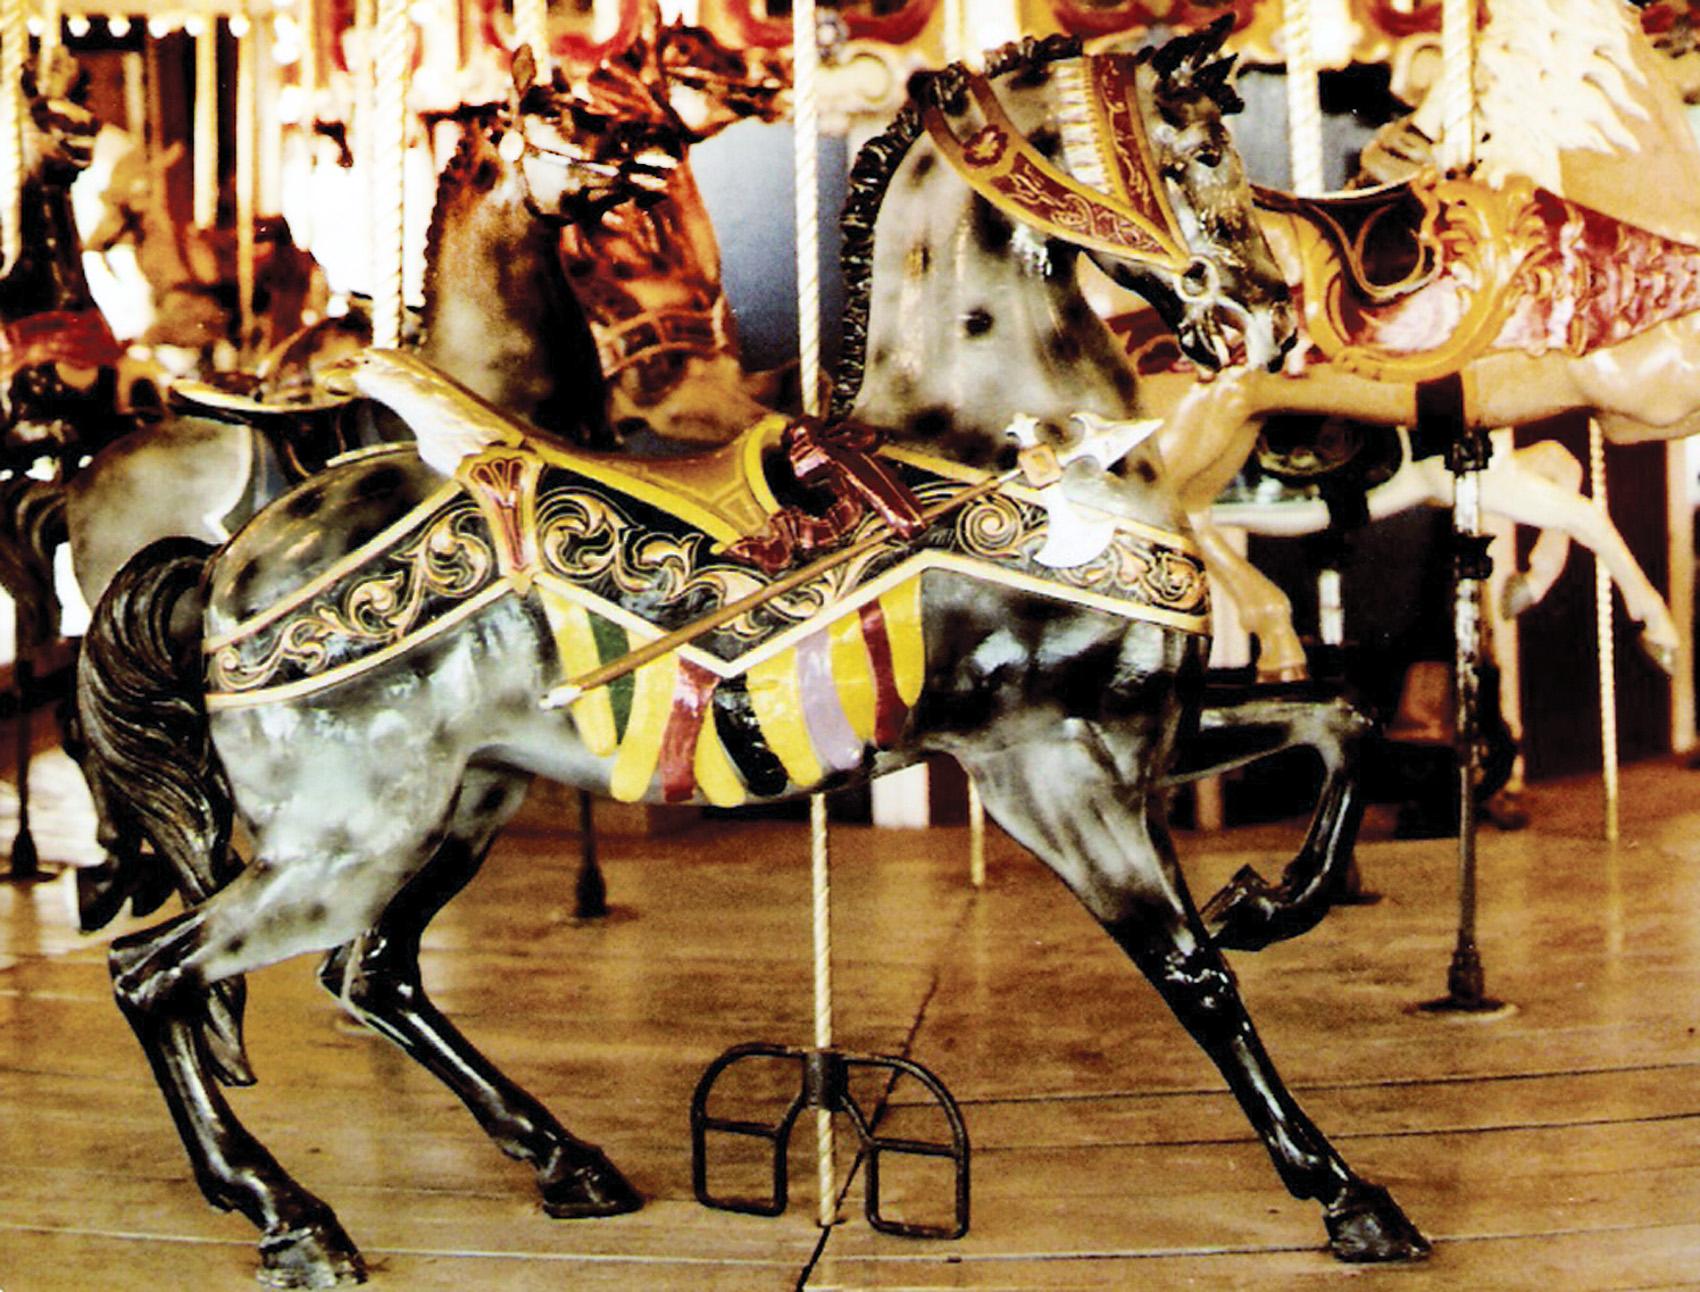 Presidents-Park-NM-Dentzel-carousel-B-Guenthner-photo